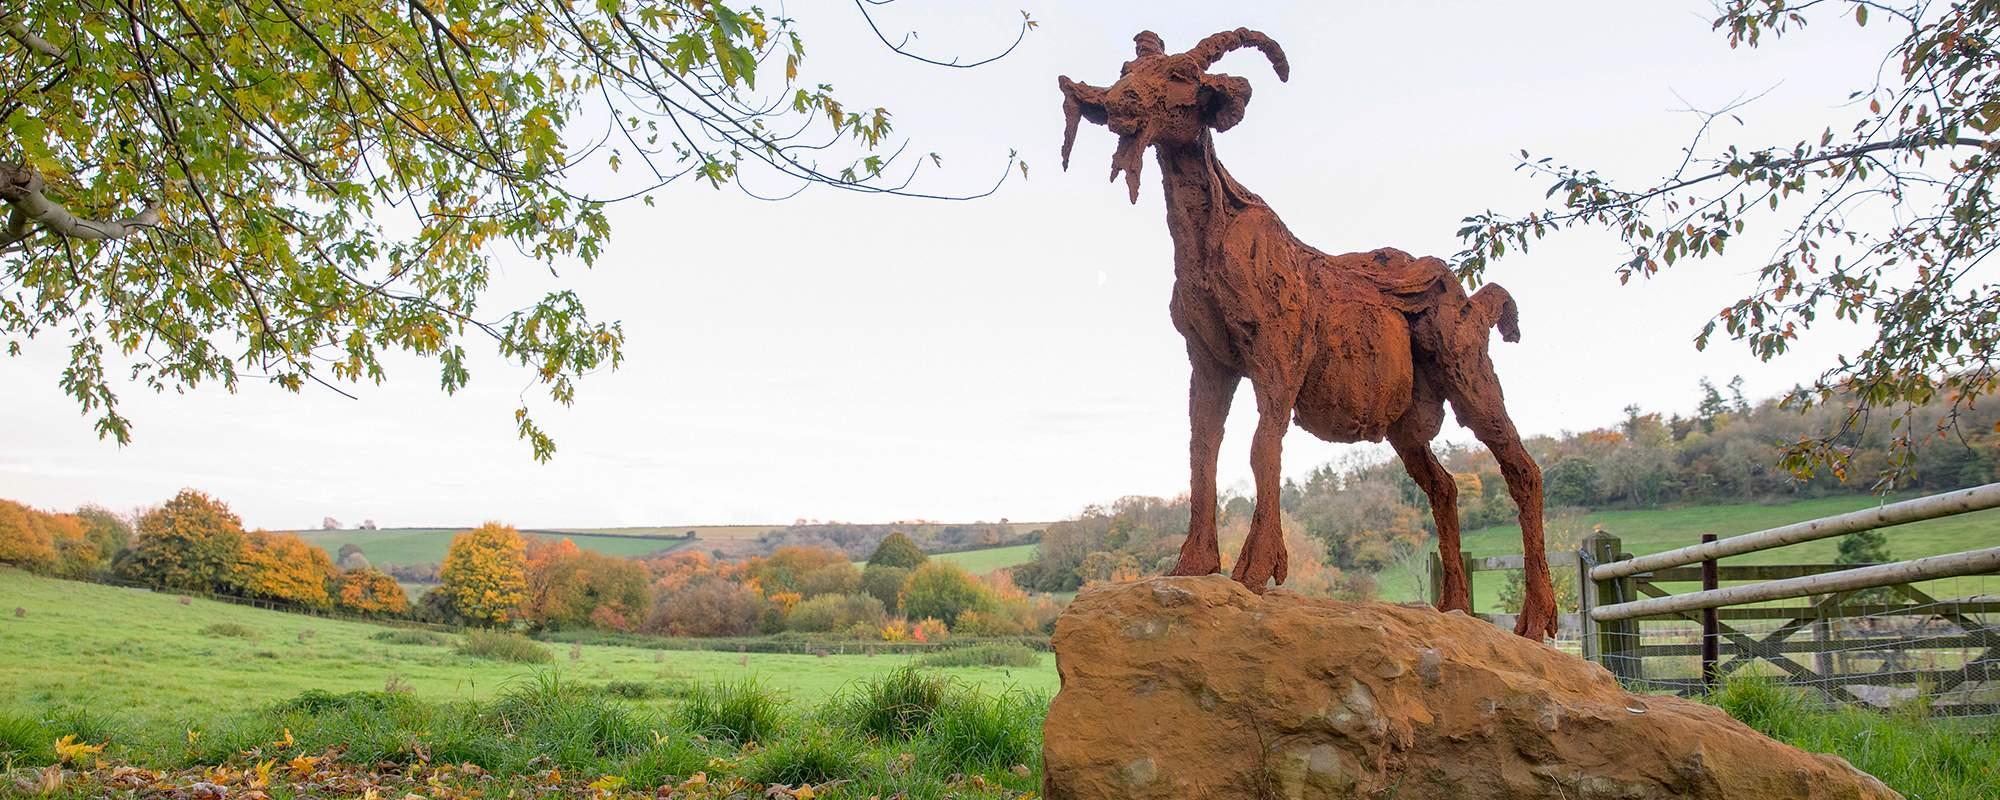 Sculptures Outdoor